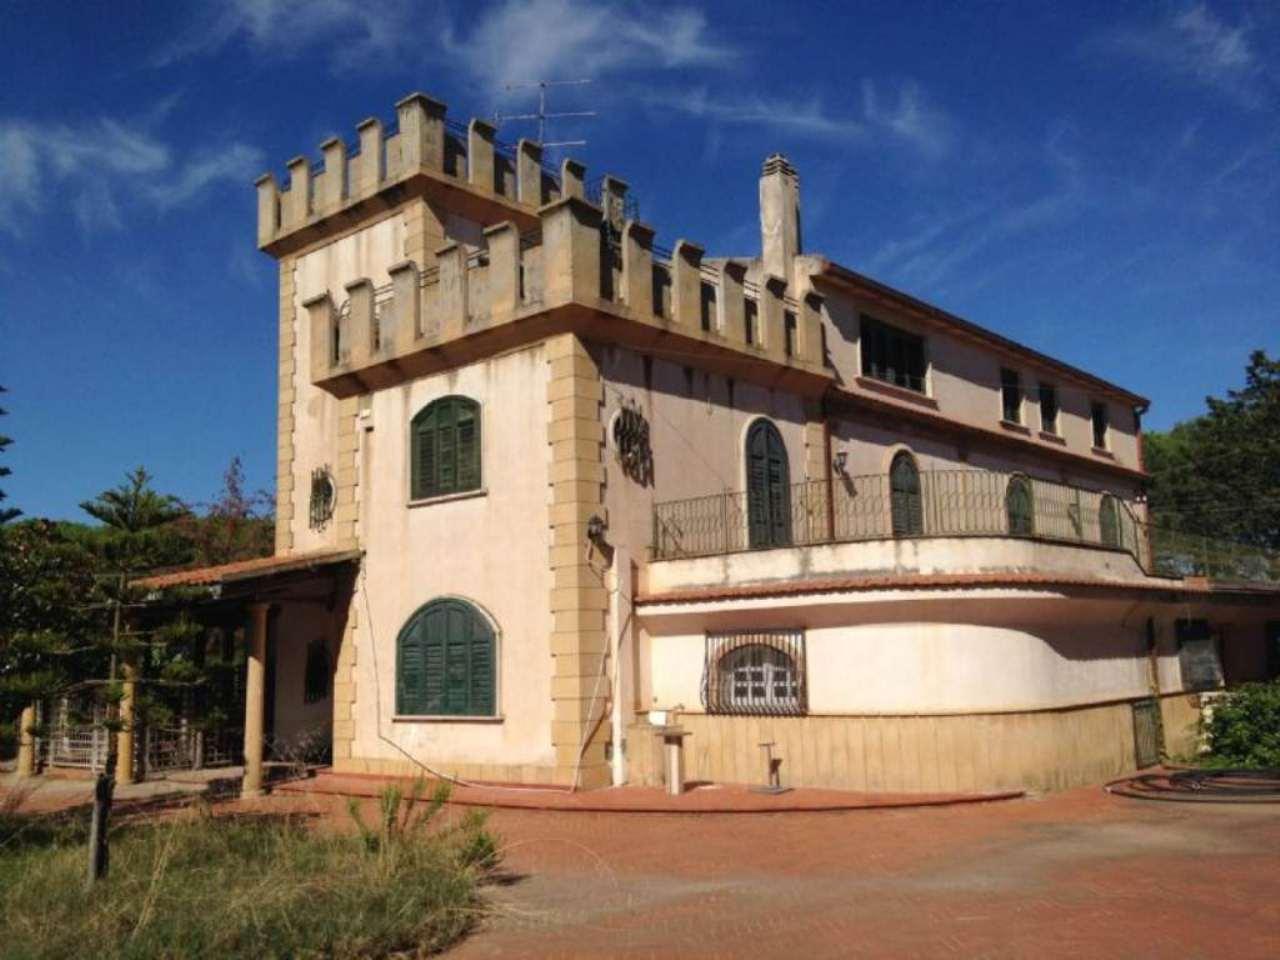 Villa in vendita a Caltagirone, 9999 locali, prezzo € 1.200.000 | Cambio Casa.it